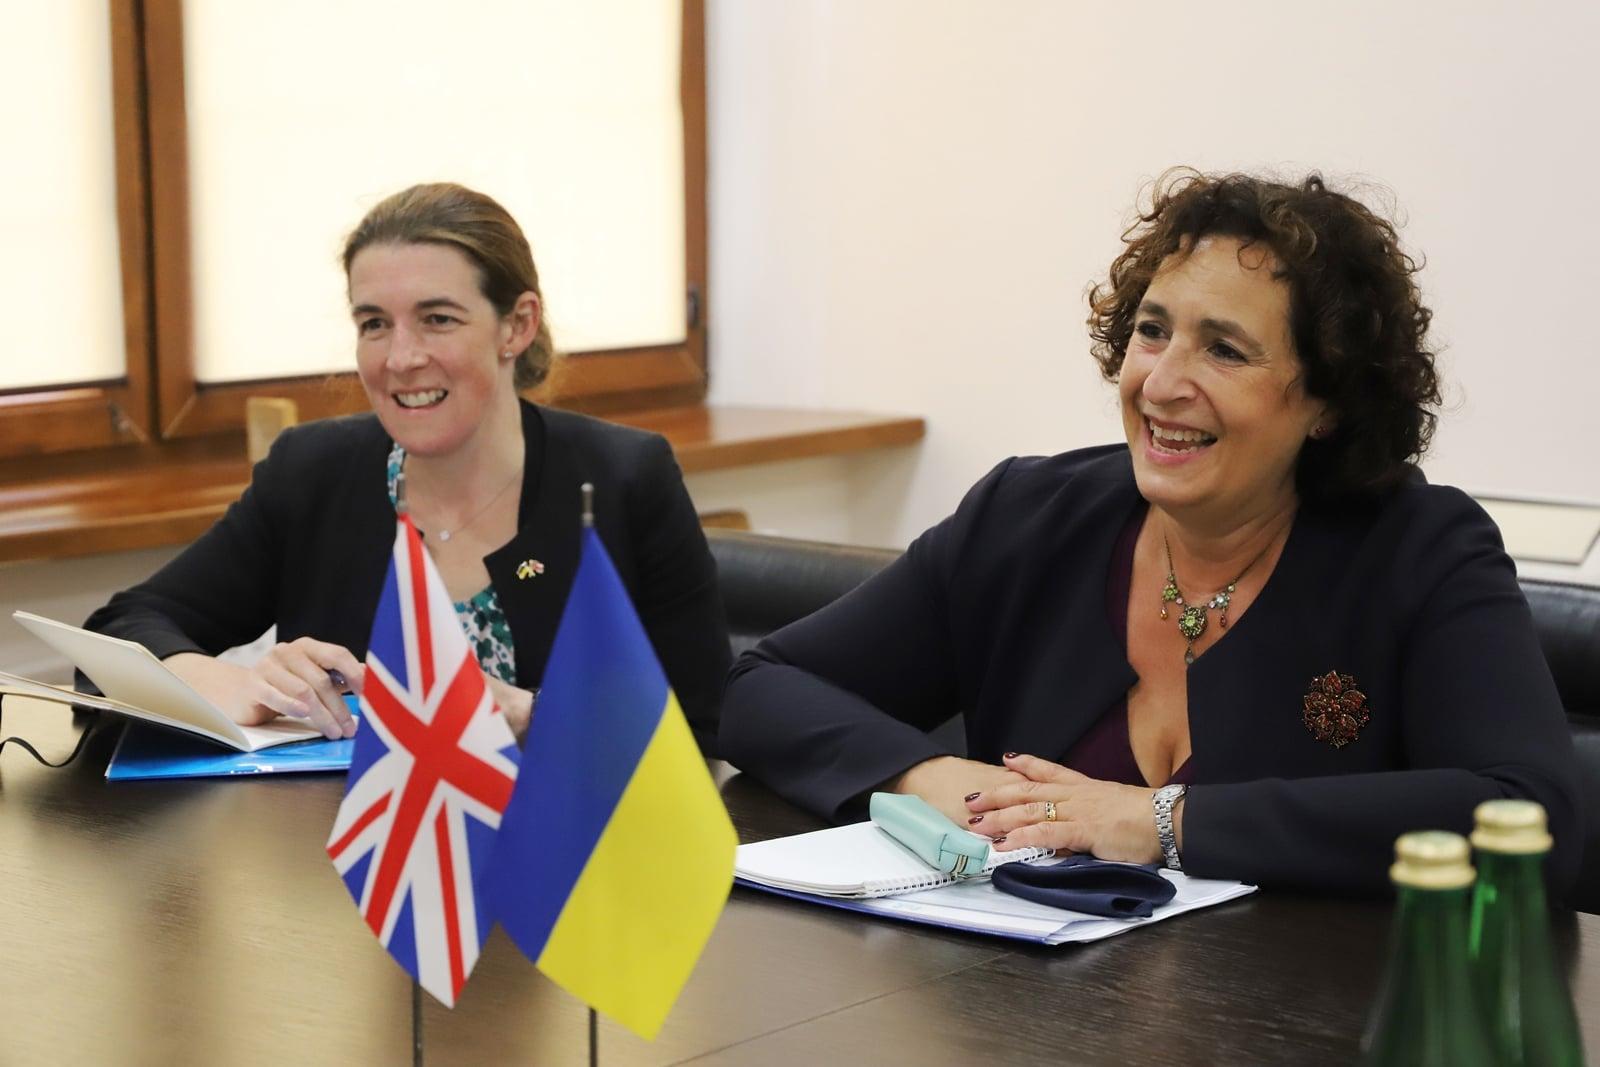 Посол Великої Британії в Україні пані Мелінда Сіммонс із робочим візитом перебуває на Закарпатті.